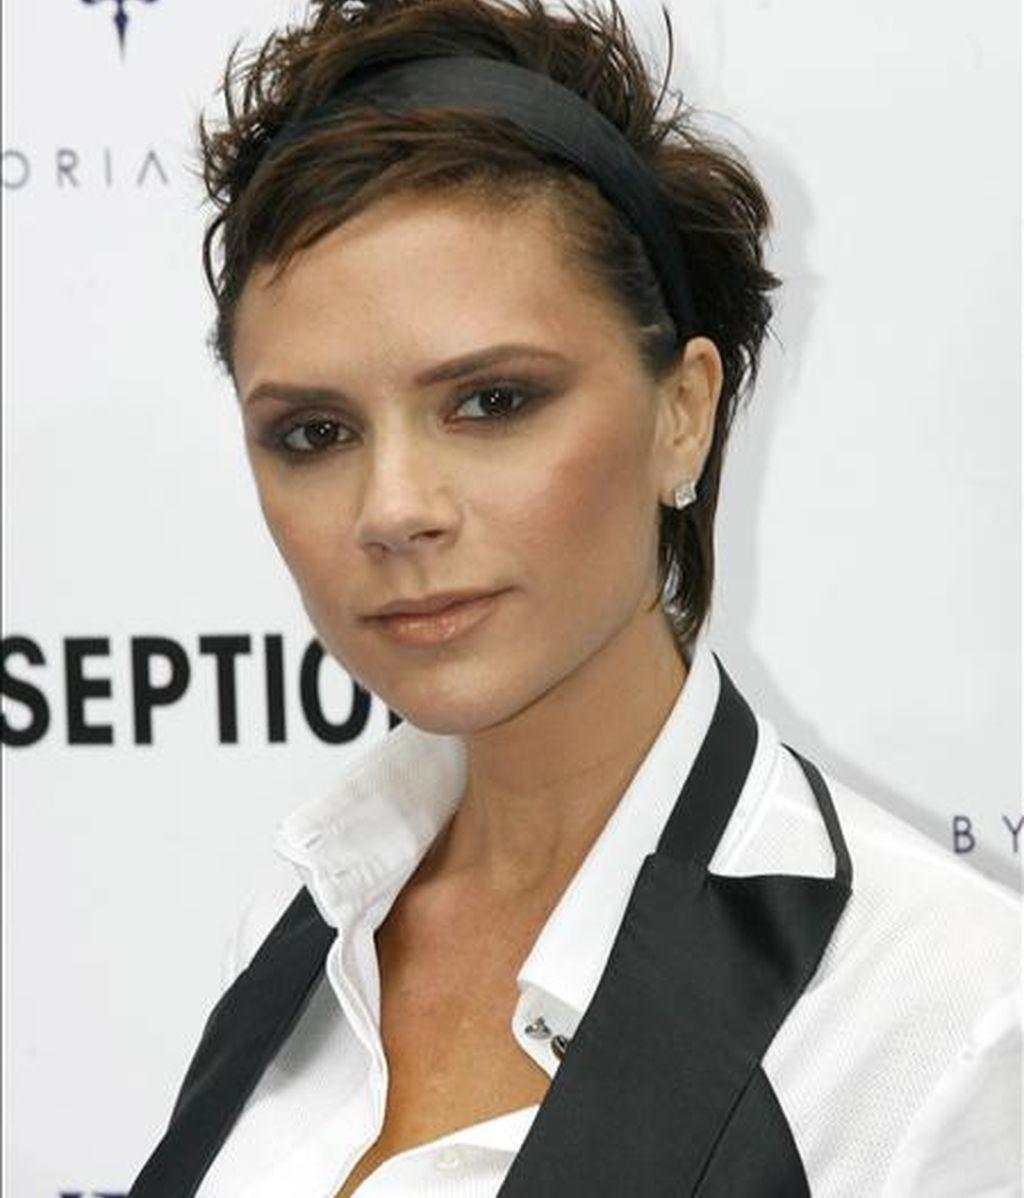 """La ex Spice Girl Victoria Beckham, posa durante la presentación de su colección de moda """"dVb Denim"""" para Ekseption, en octubre pasado, en Madrid. EFE/Archivo"""